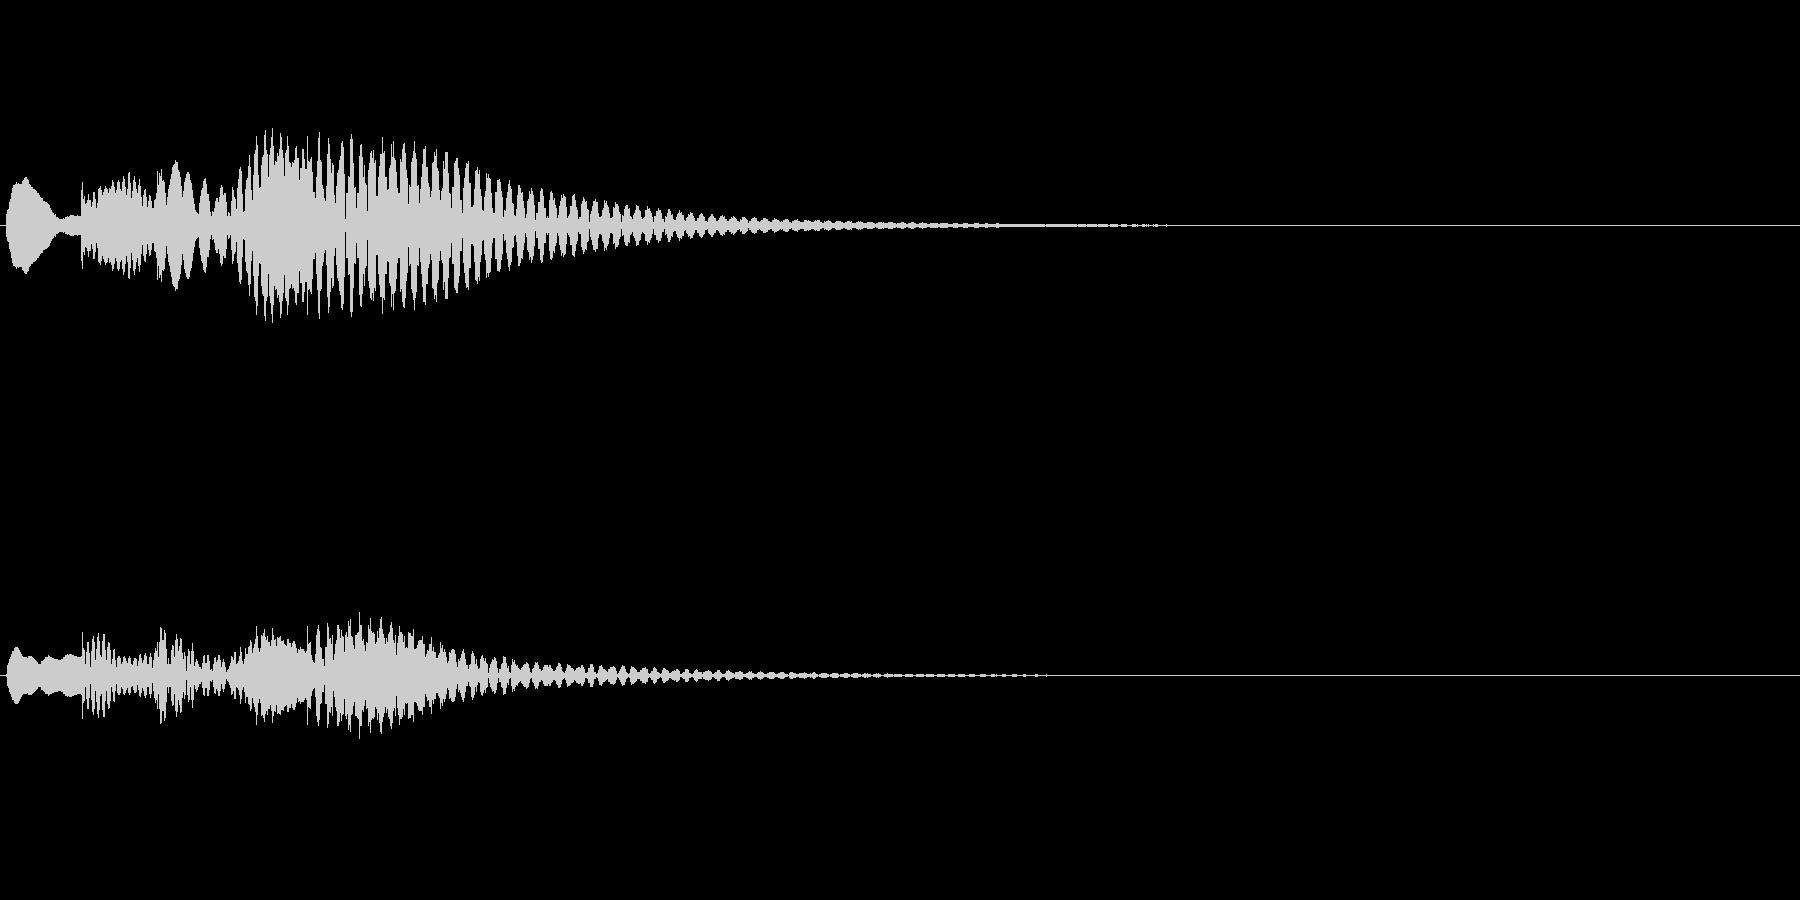 アプリやゲーム、マリンバ、起動音、下降2の未再生の波形